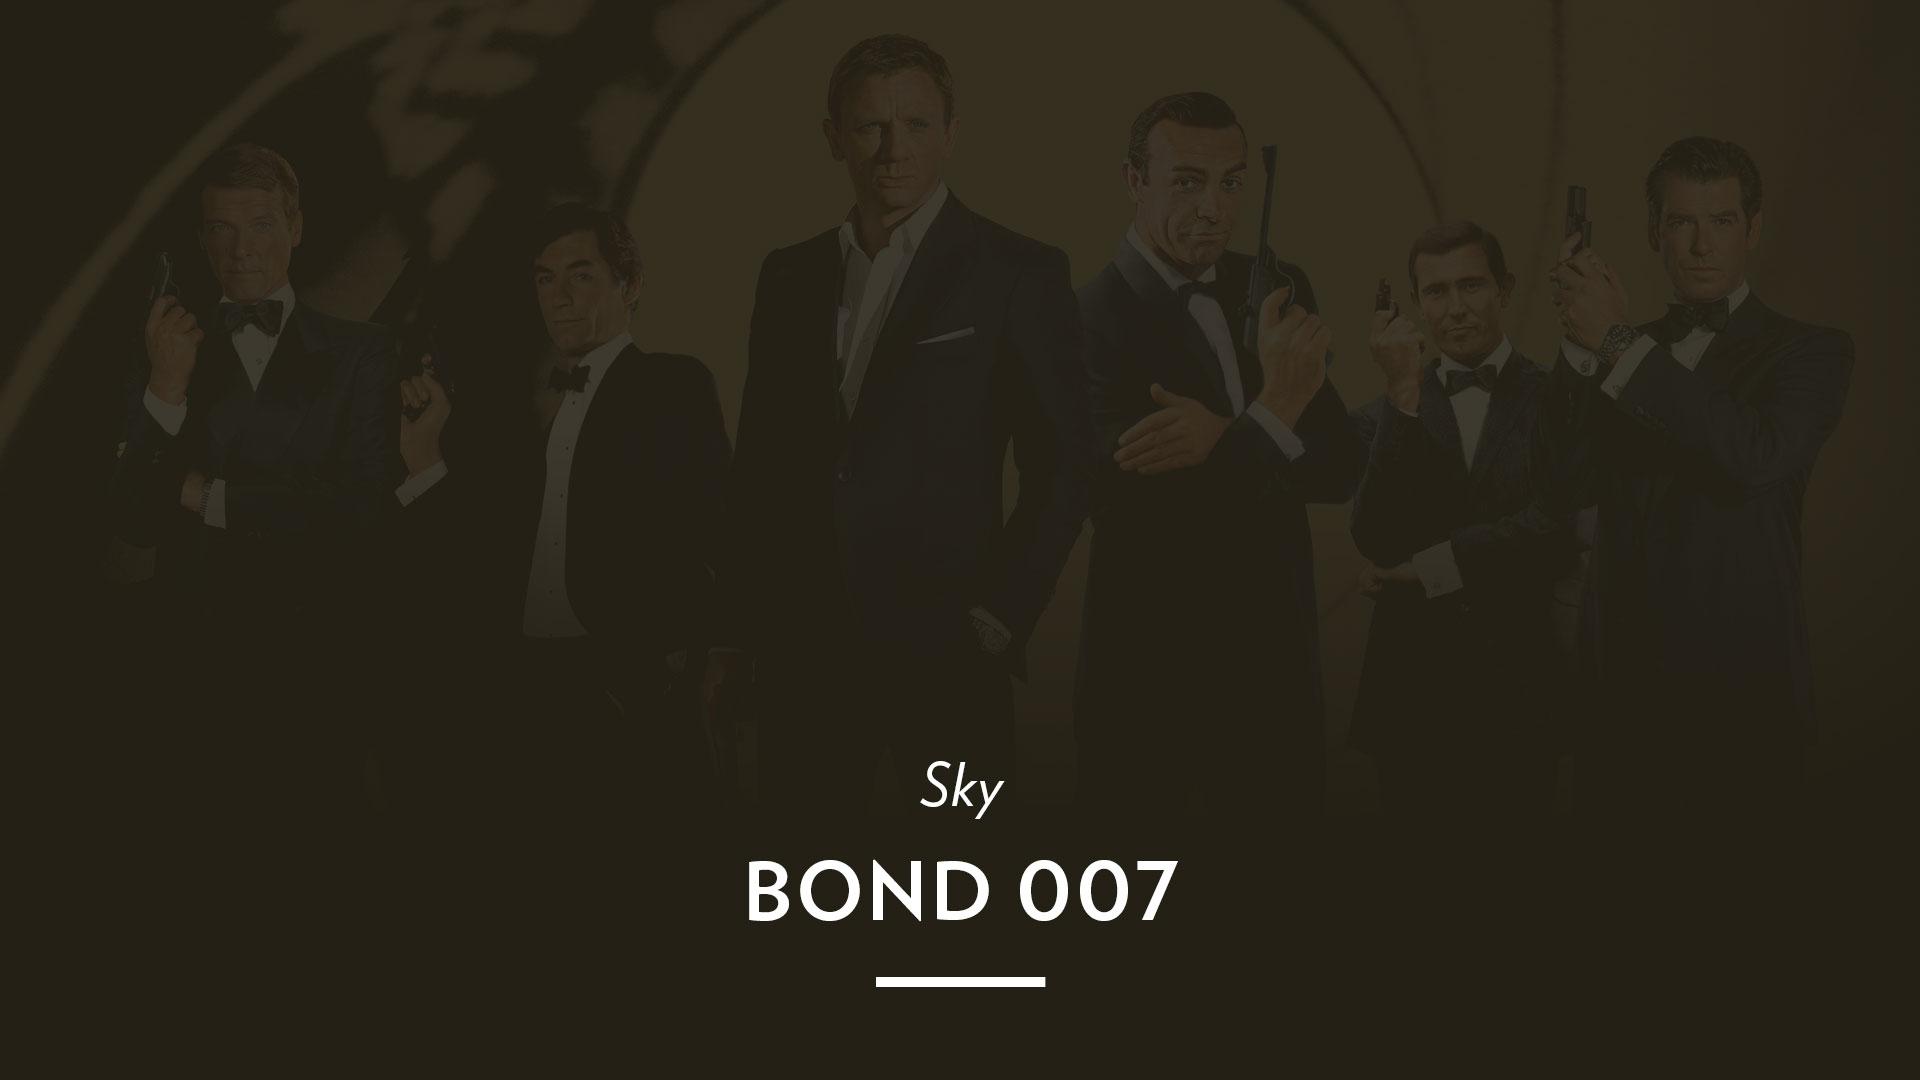 Sky- Bond 007